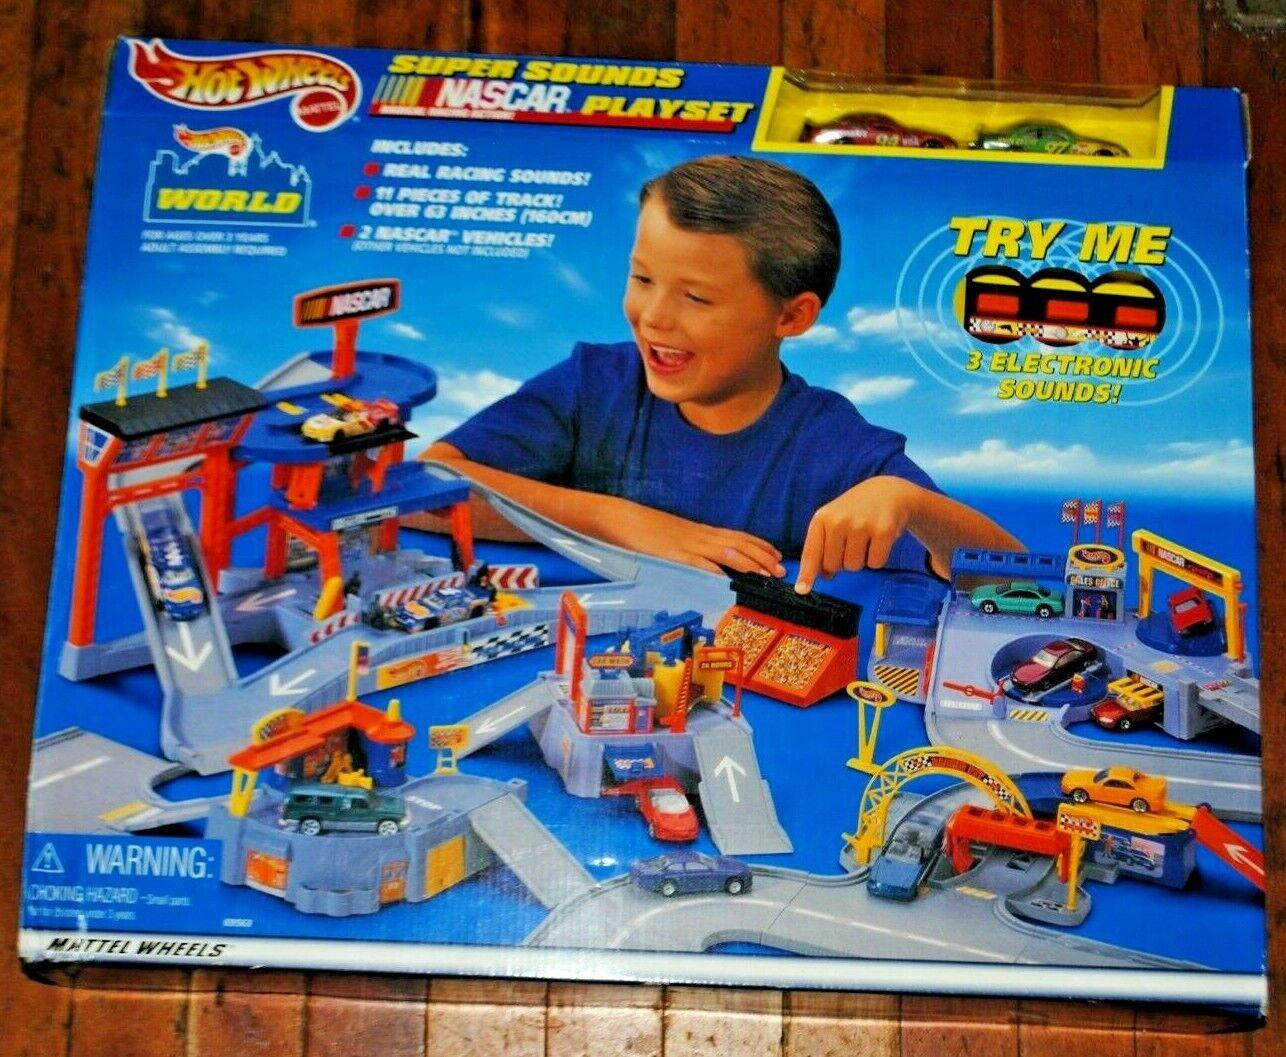 New Mattel Hot Wheels 1999 Super Sounds Nascar Playset